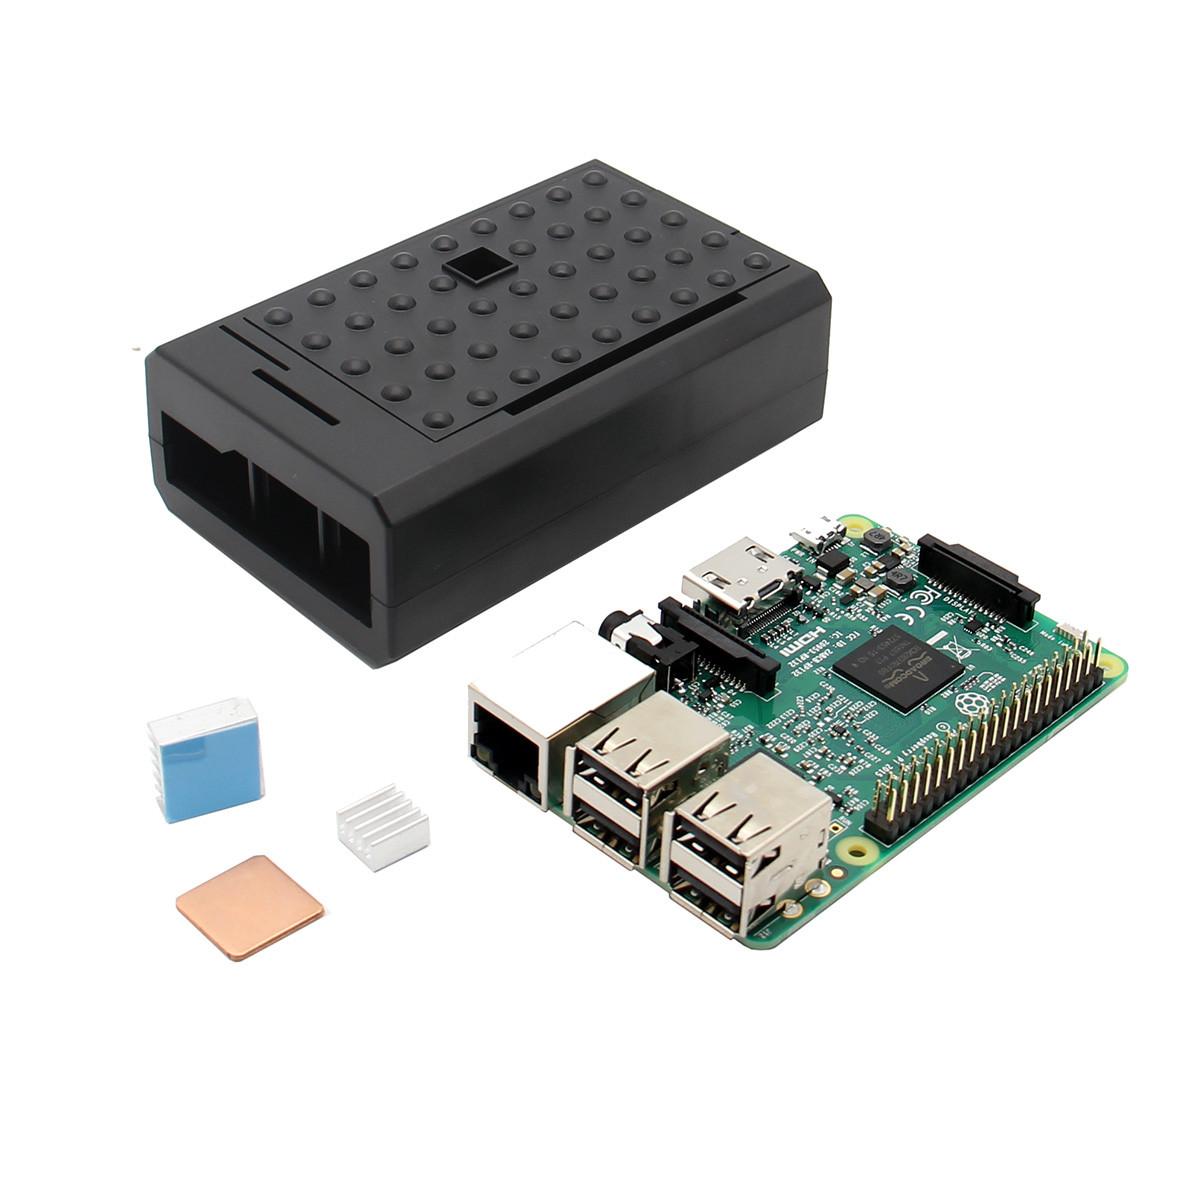 3 В 1 Raspberry Pi 3 Модель B Board + черный ABS Дело Shell Корпус + Алюминий Медь теплоотводом Kit 1TopShop